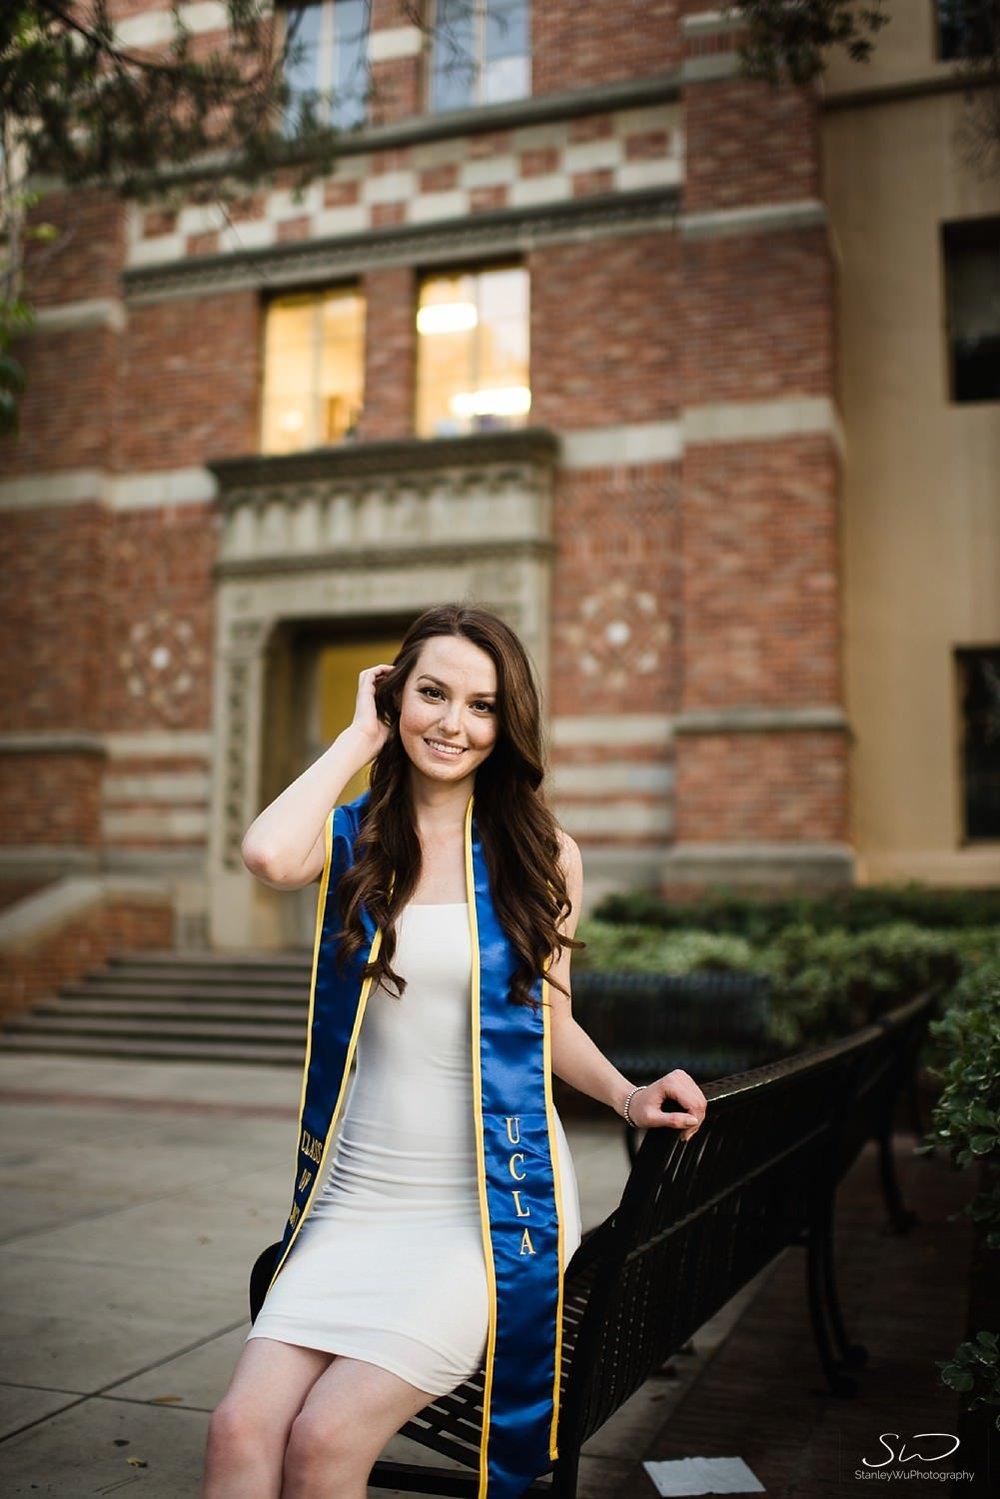 los-angeles-ucla-senior-graduation-portraits_0020.jpg